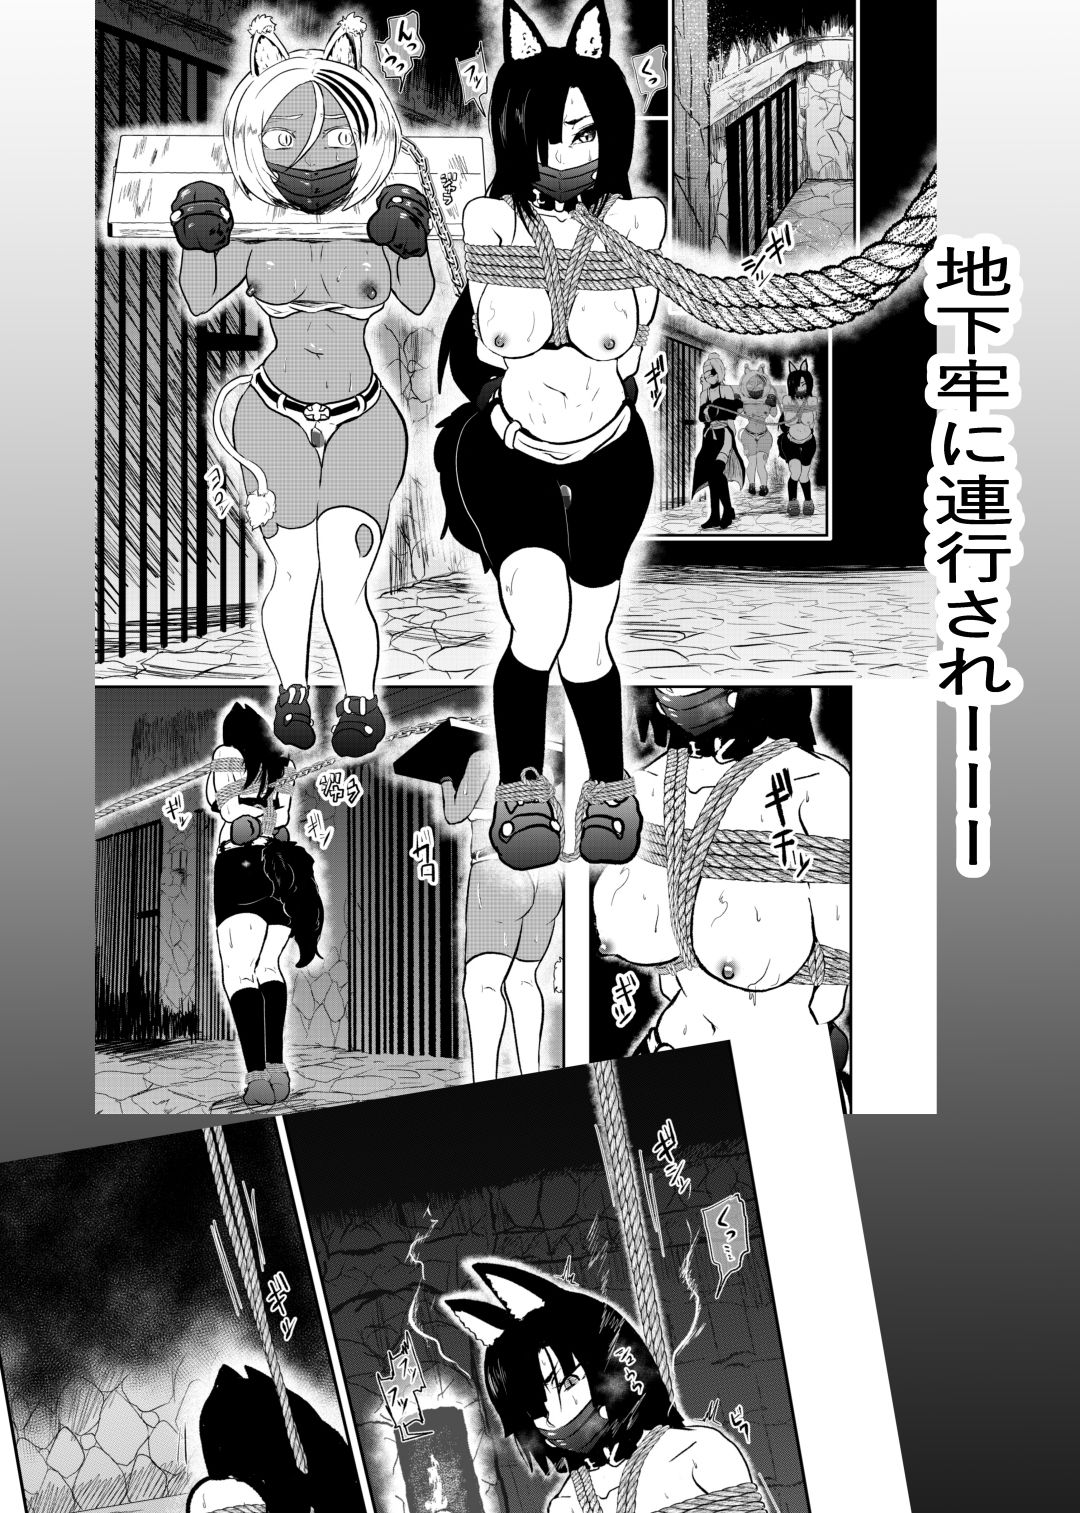 ヴァンパレイド8 ~白猫 黒狼 拘束編~